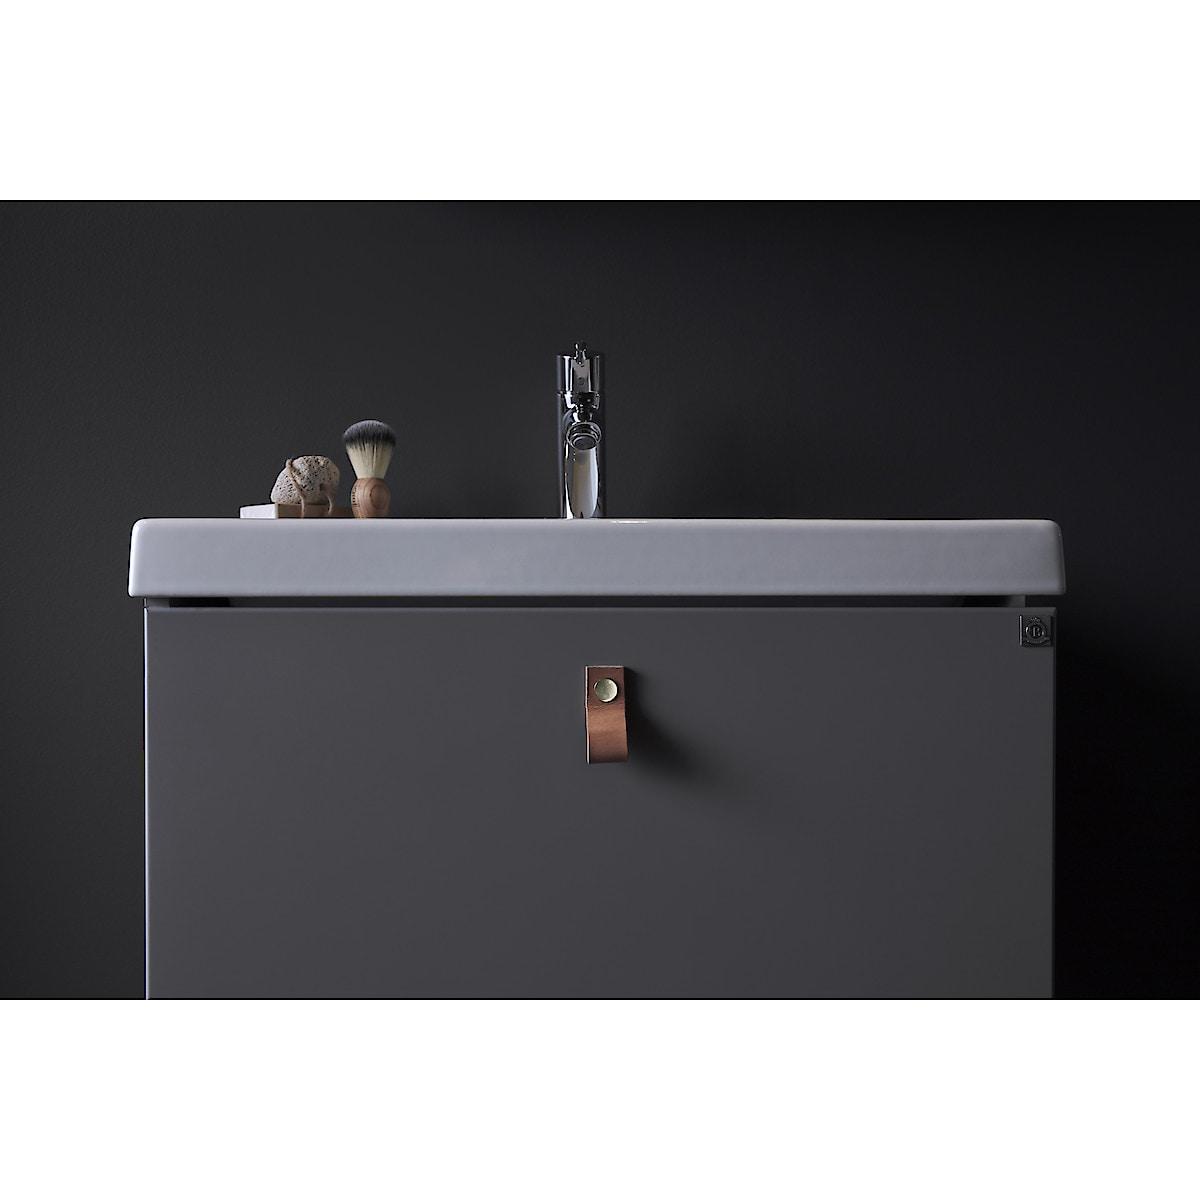 Läderknopp Ari brunt, 65 mm